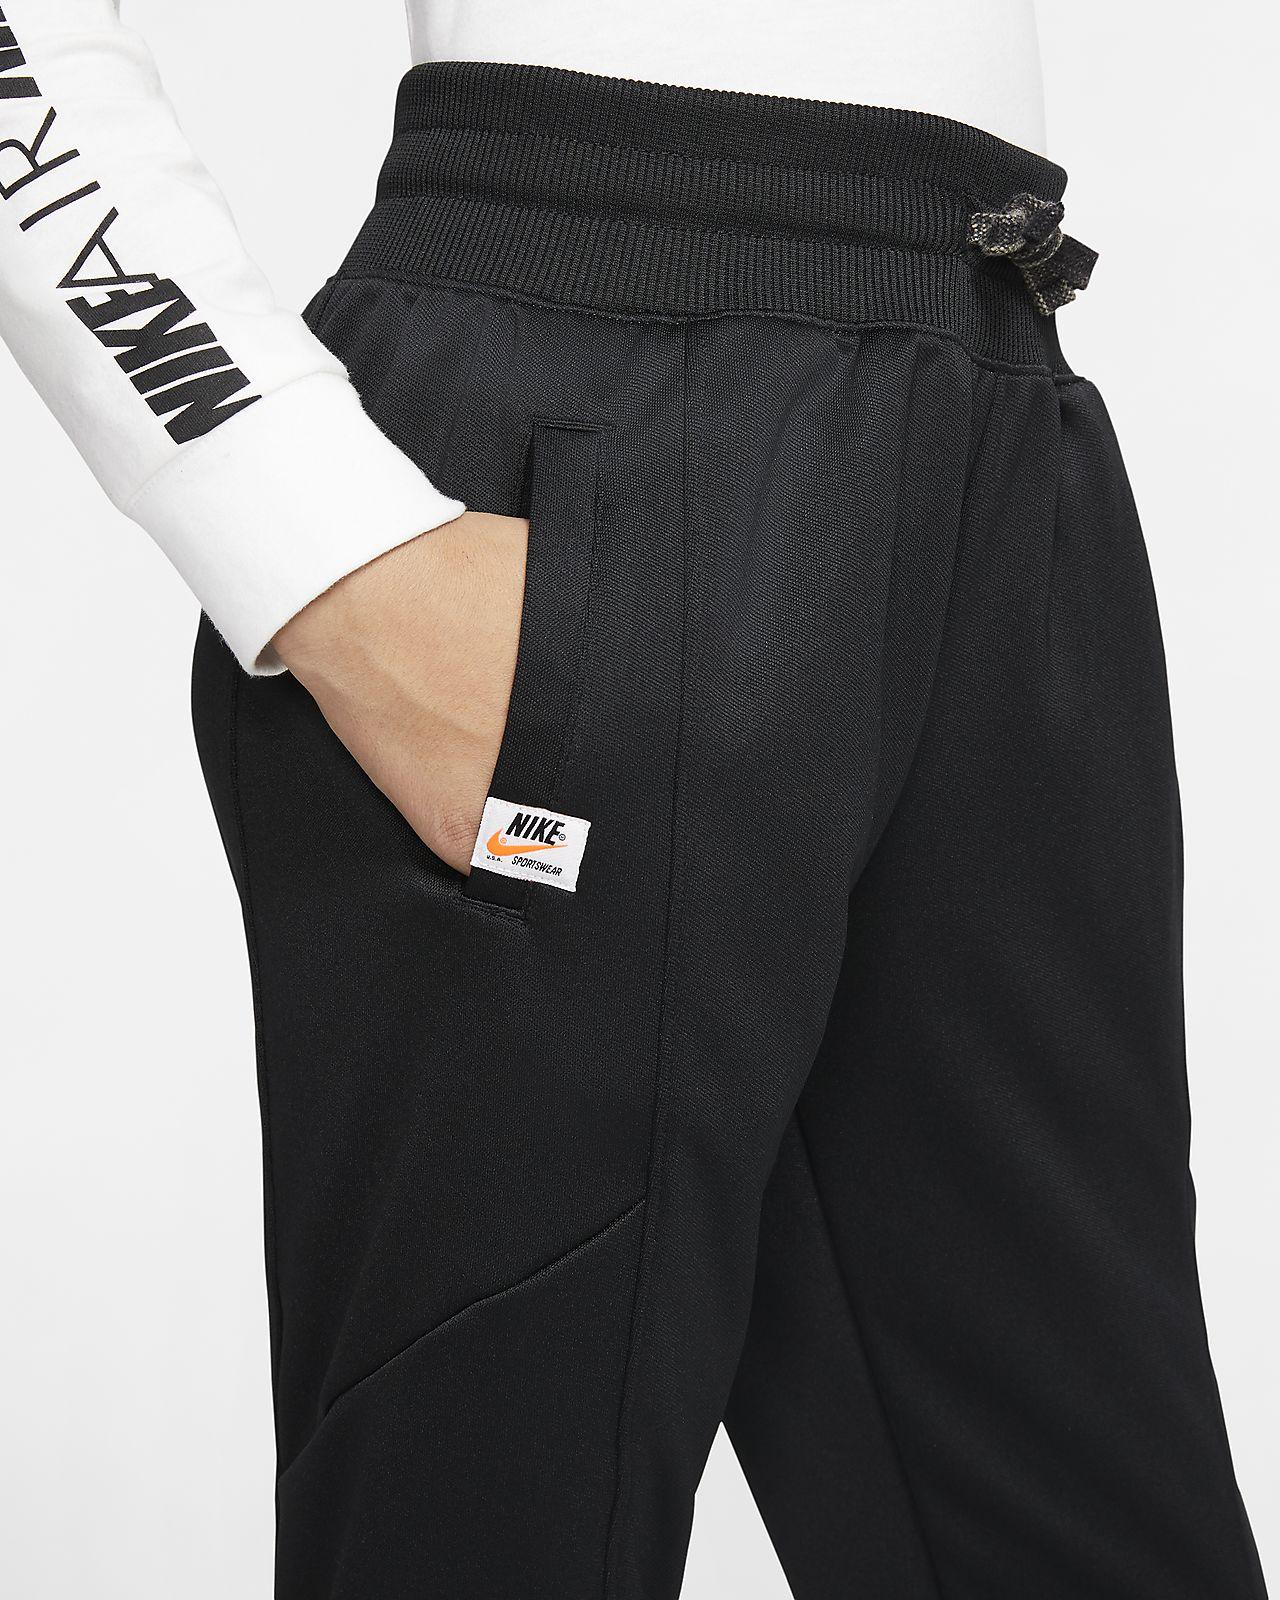 pantalon fille nike